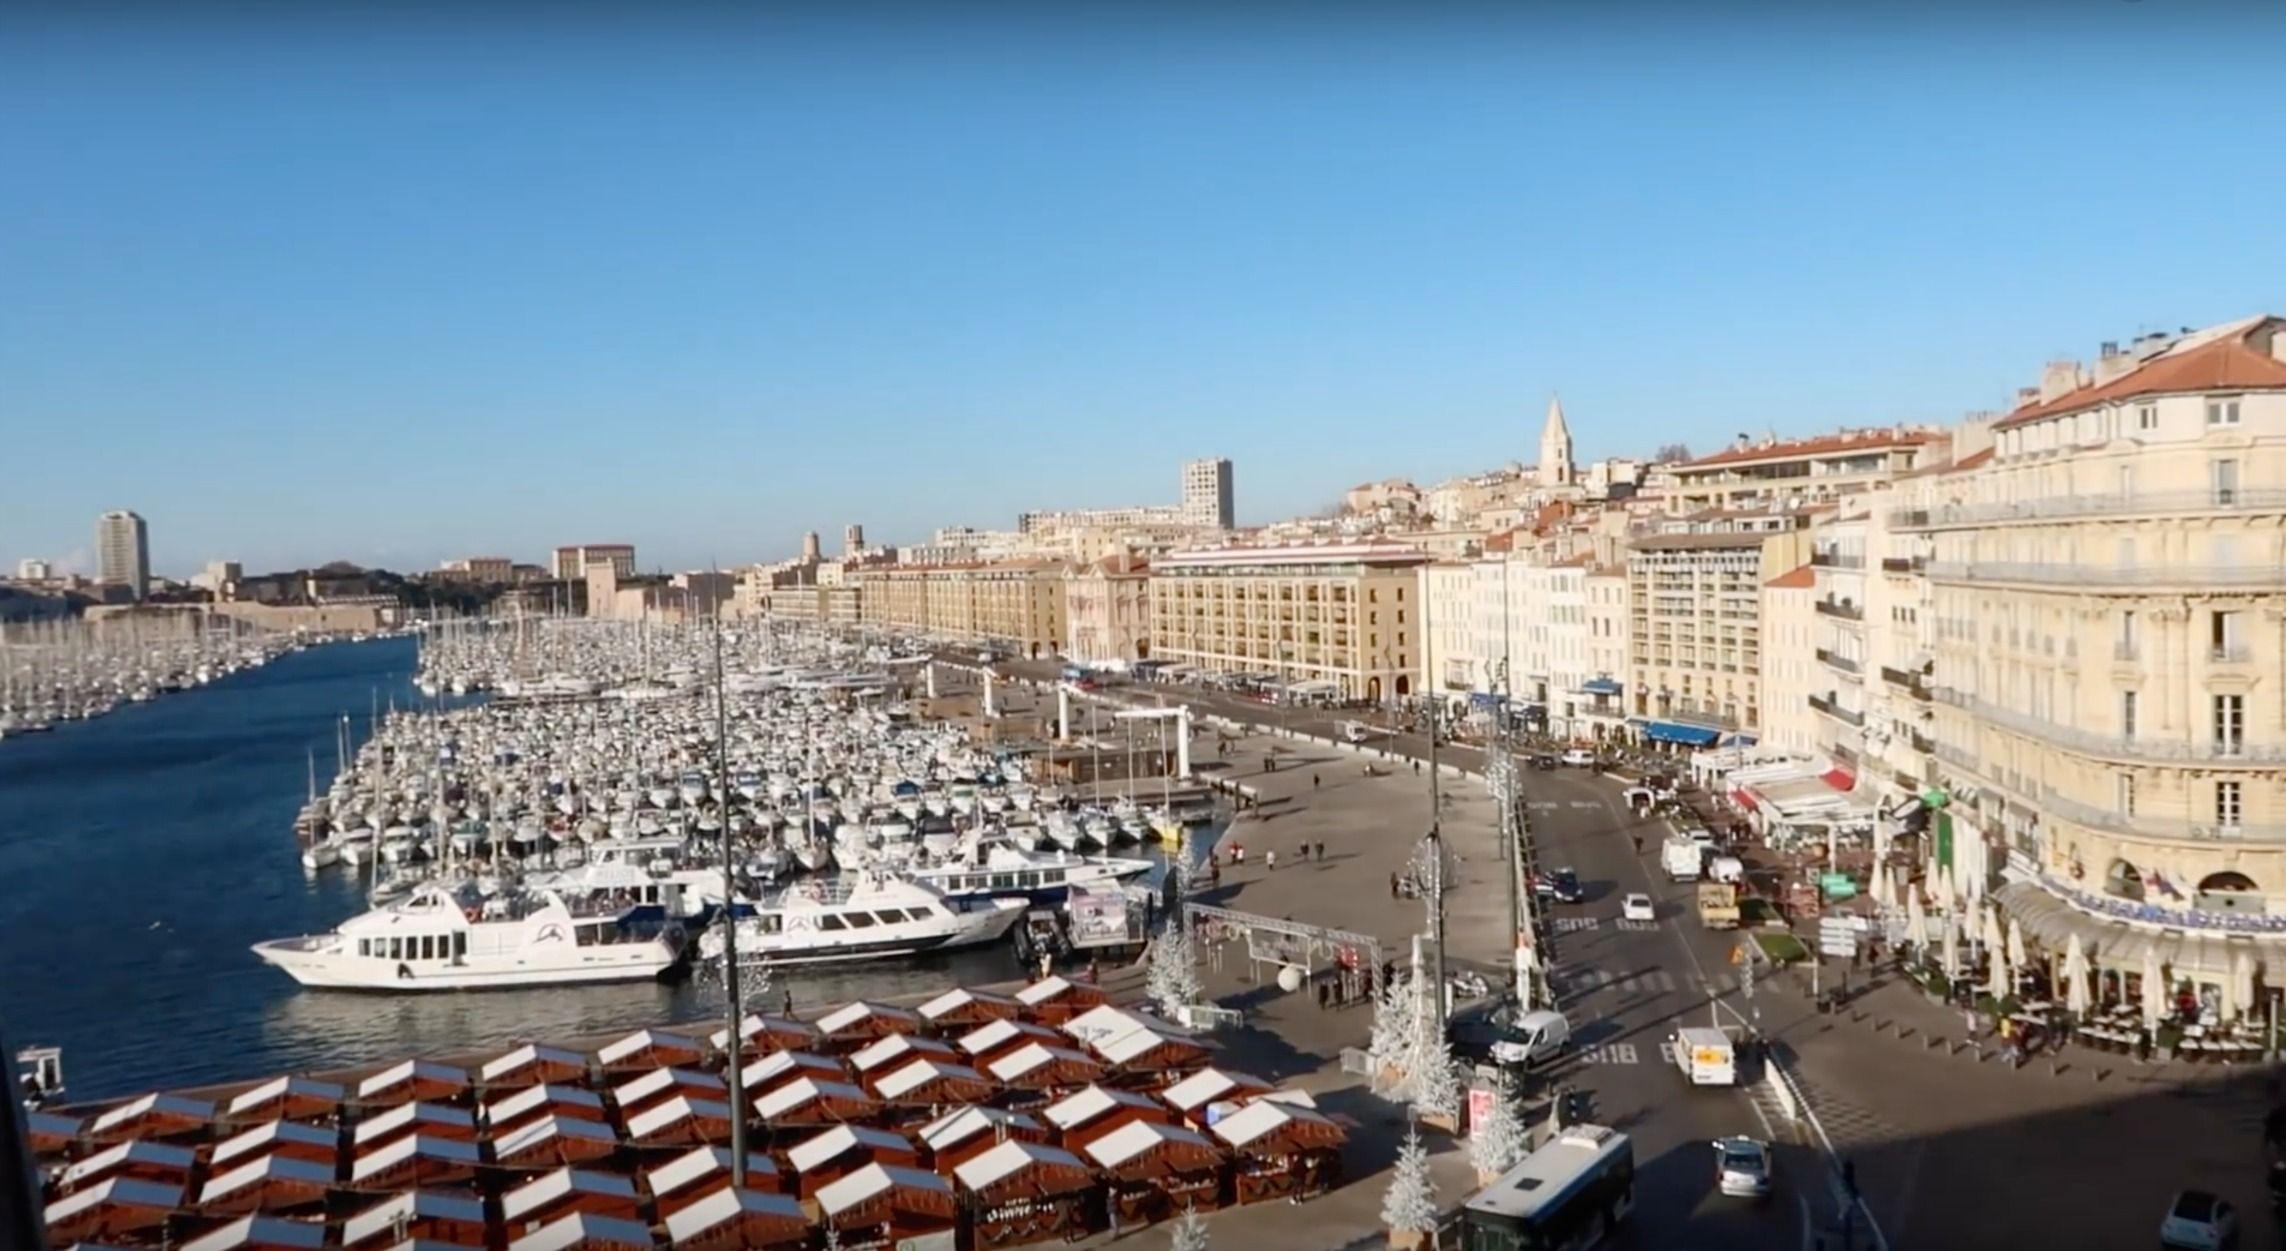 La vue de l'hôtel sur le Port de Marseille